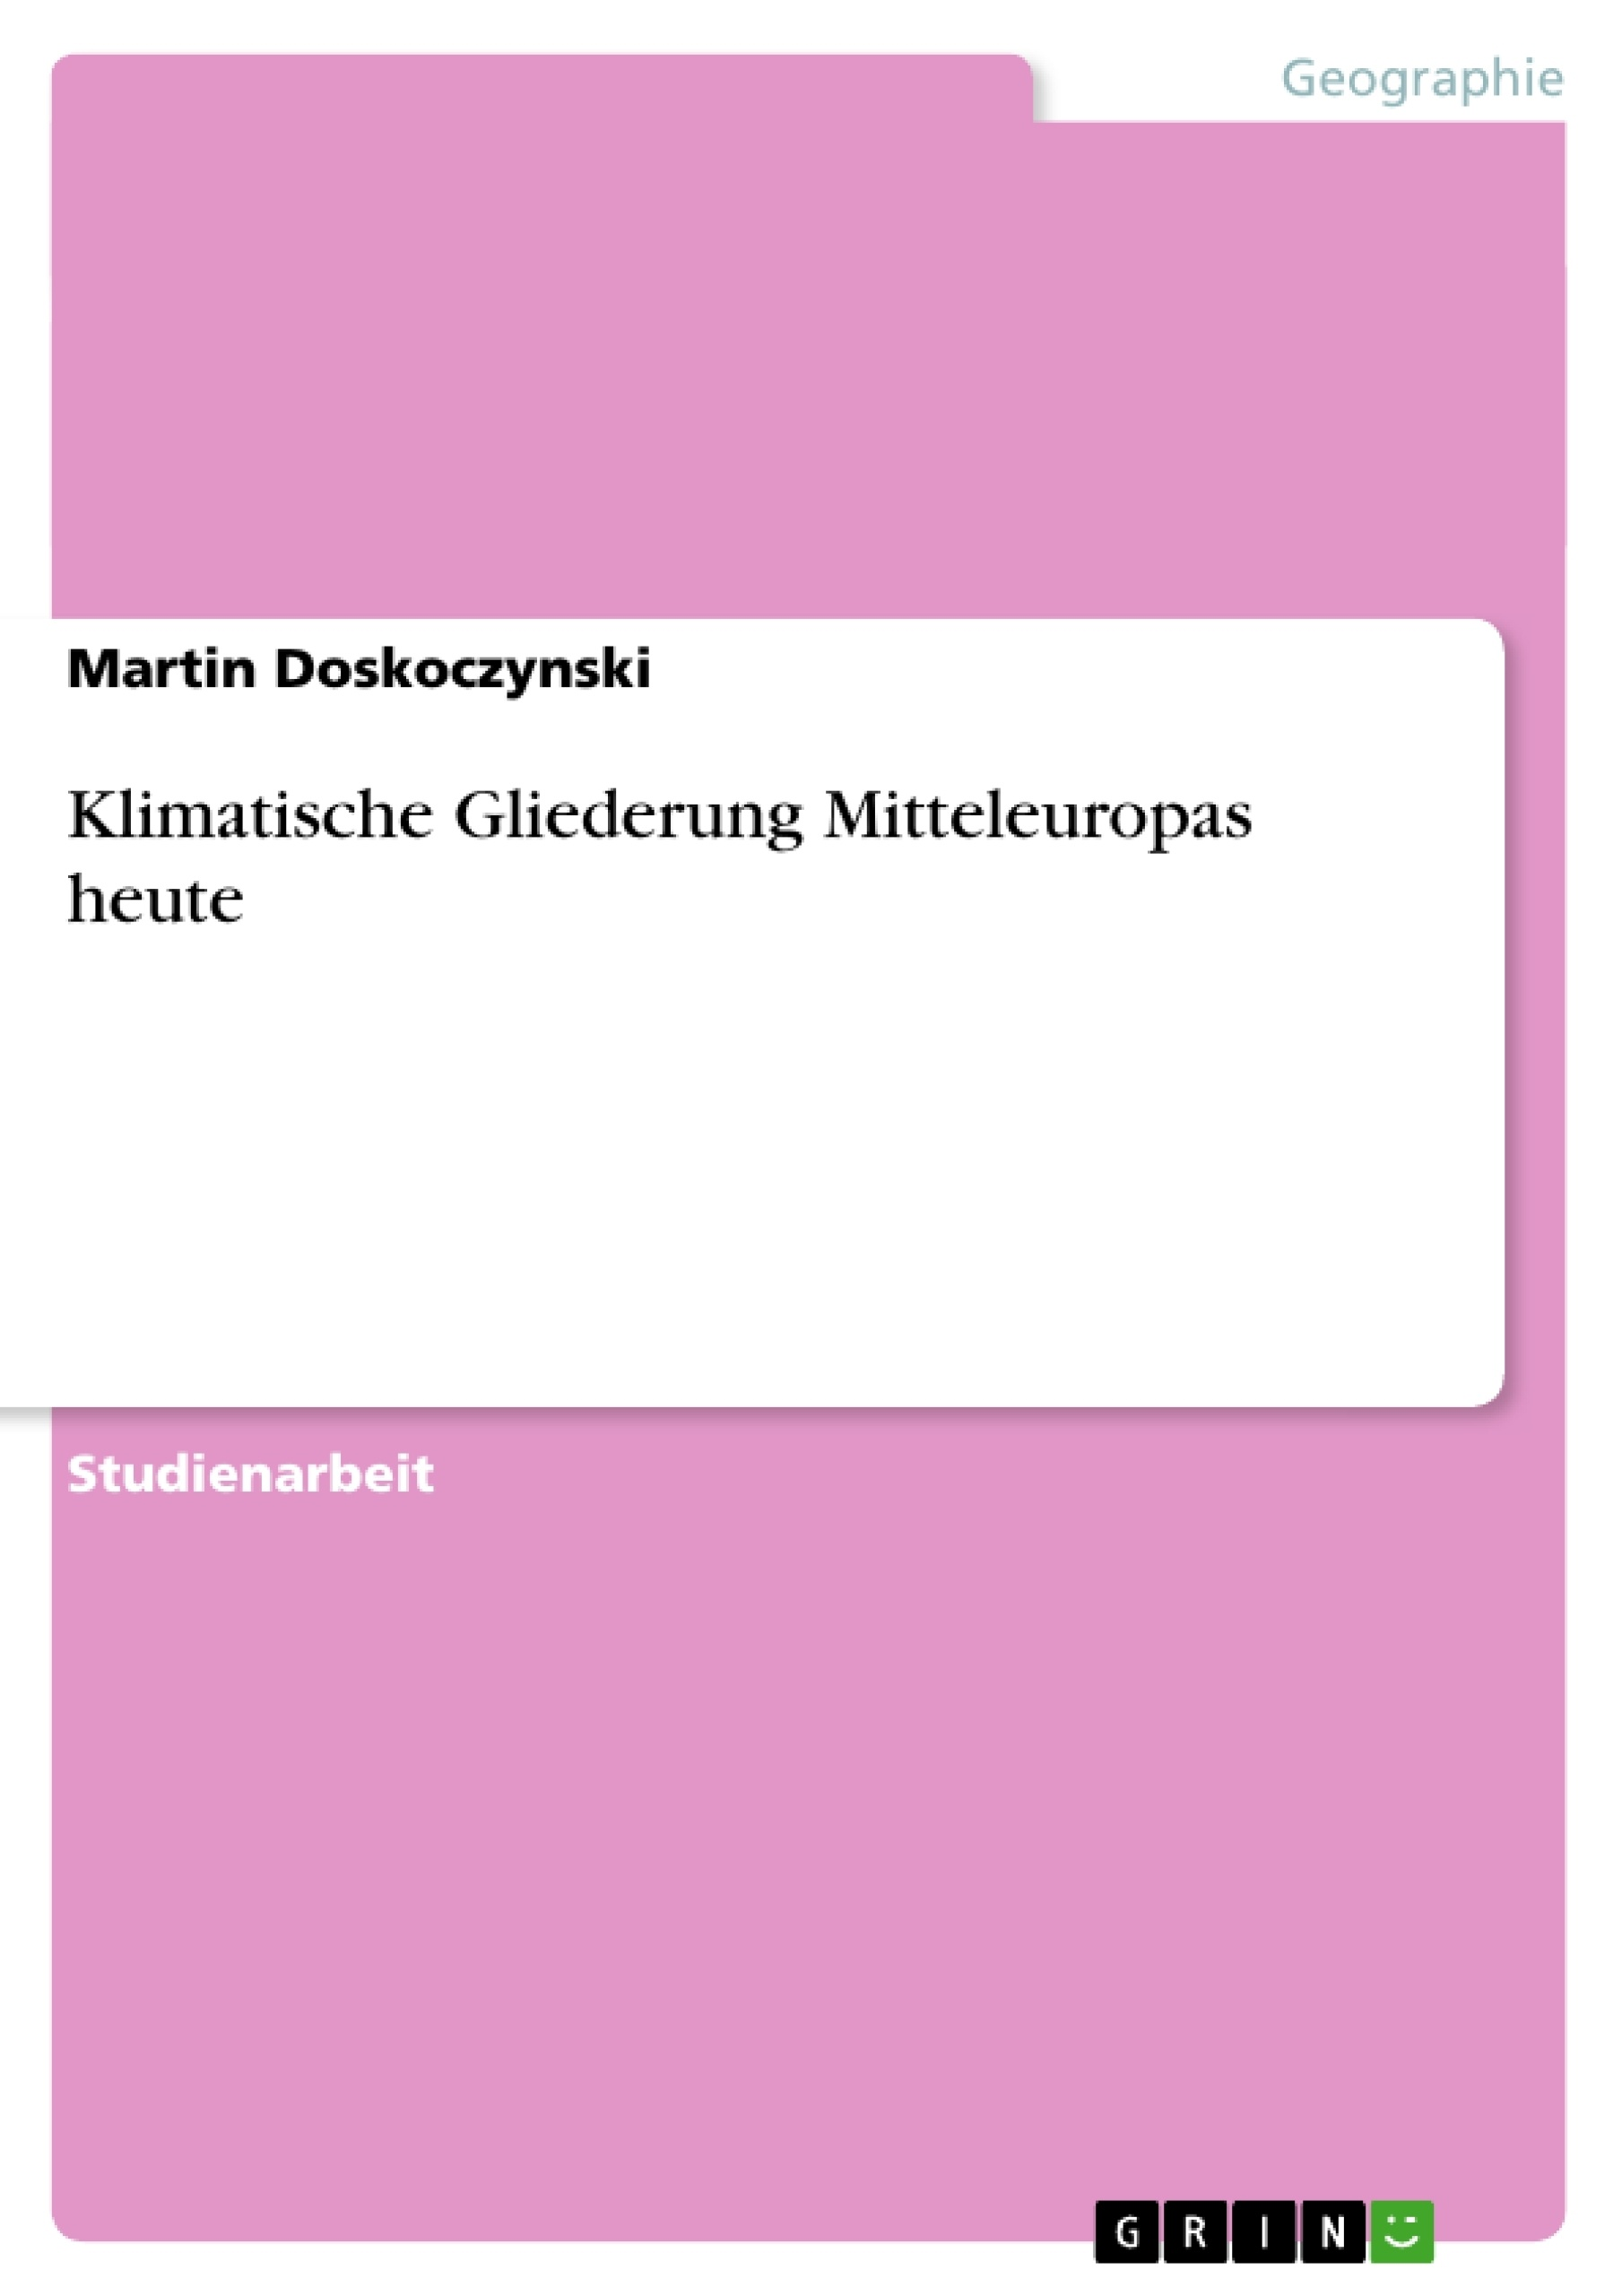 Titel: Klimatische Gliederung Mitteleuropas heute